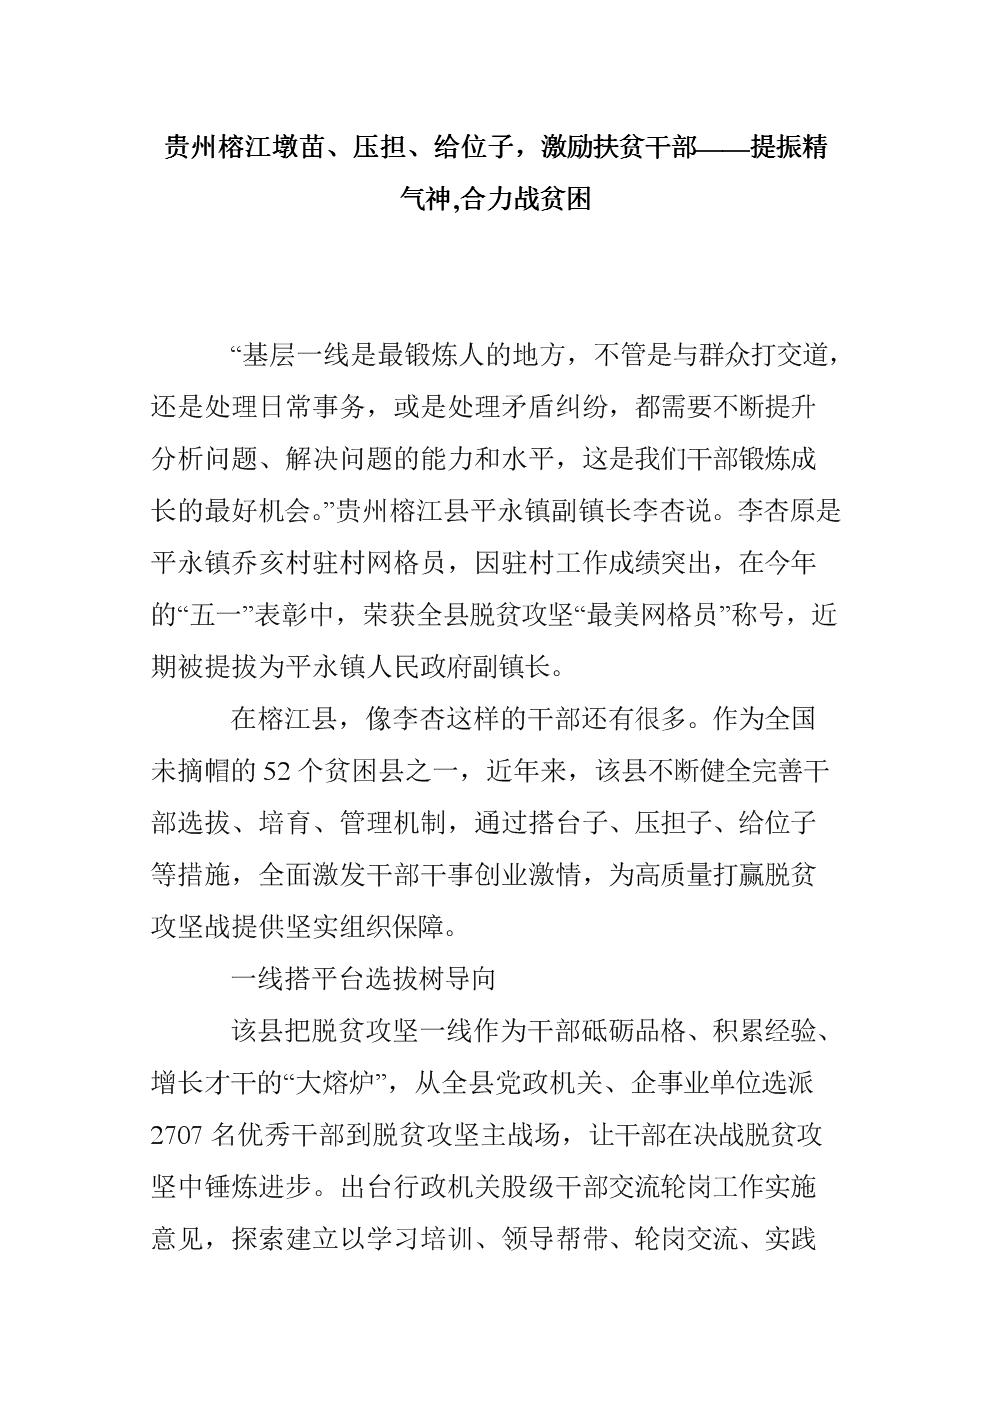 贵州榕江墩苗、压担、给位子,激励扶贫干部——提振精气神,合力战贫困.doc